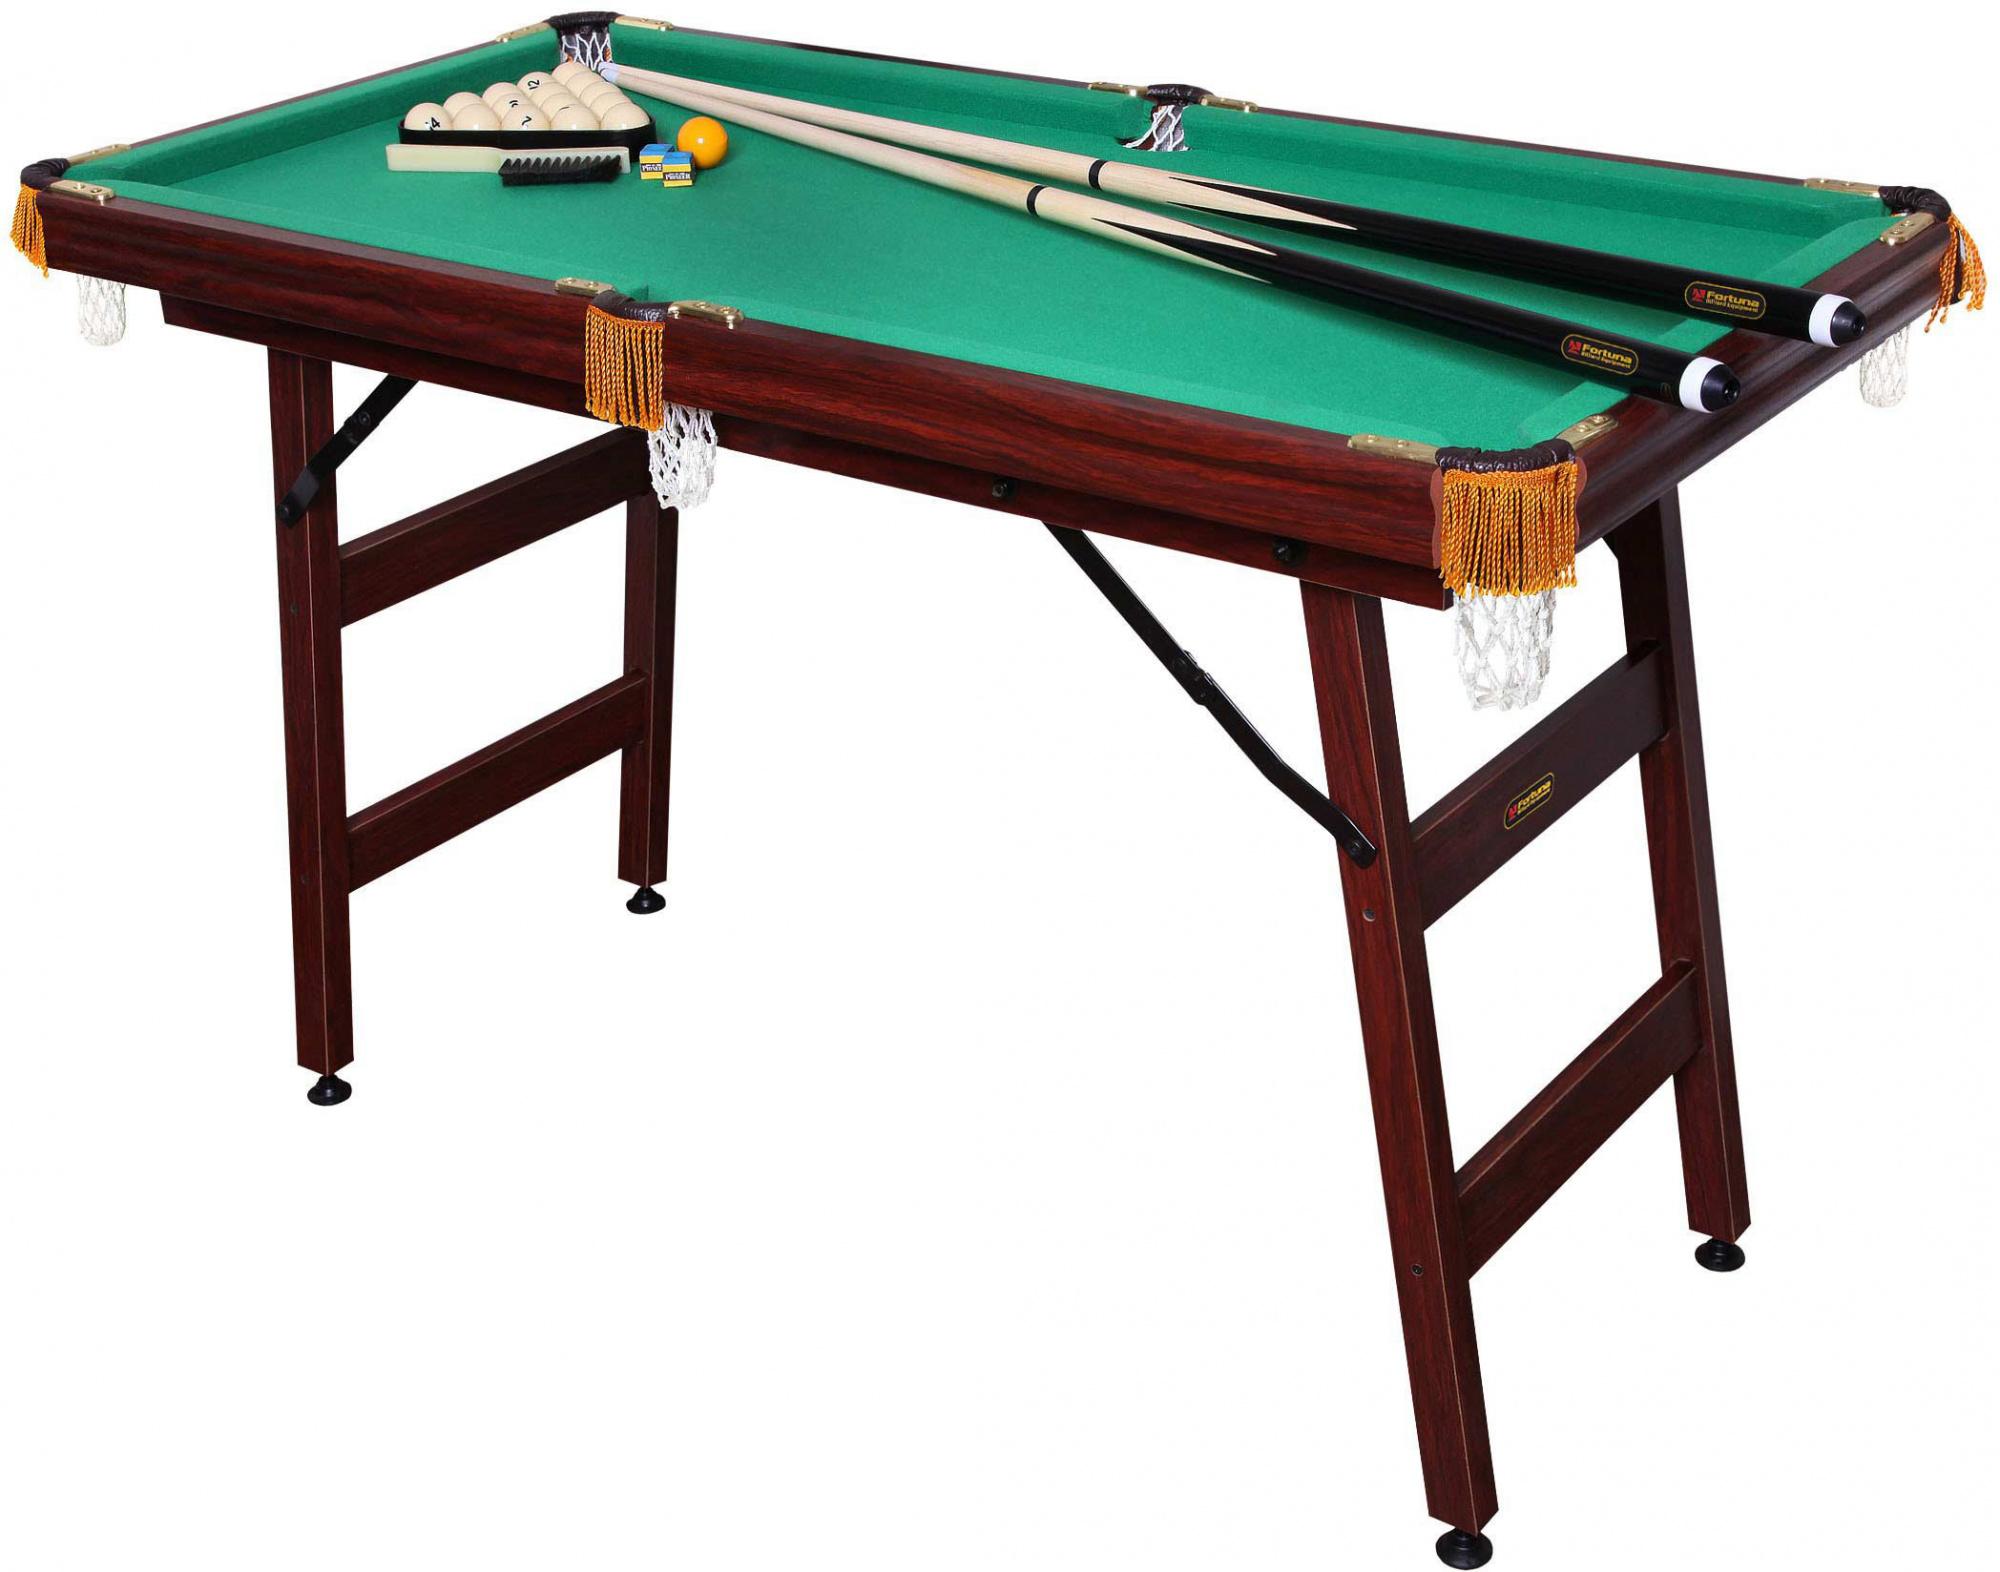 Fortuna Game Equipment ���������� ���� Fortuna ������� �������� 4 �� 9 � 1 (7739)